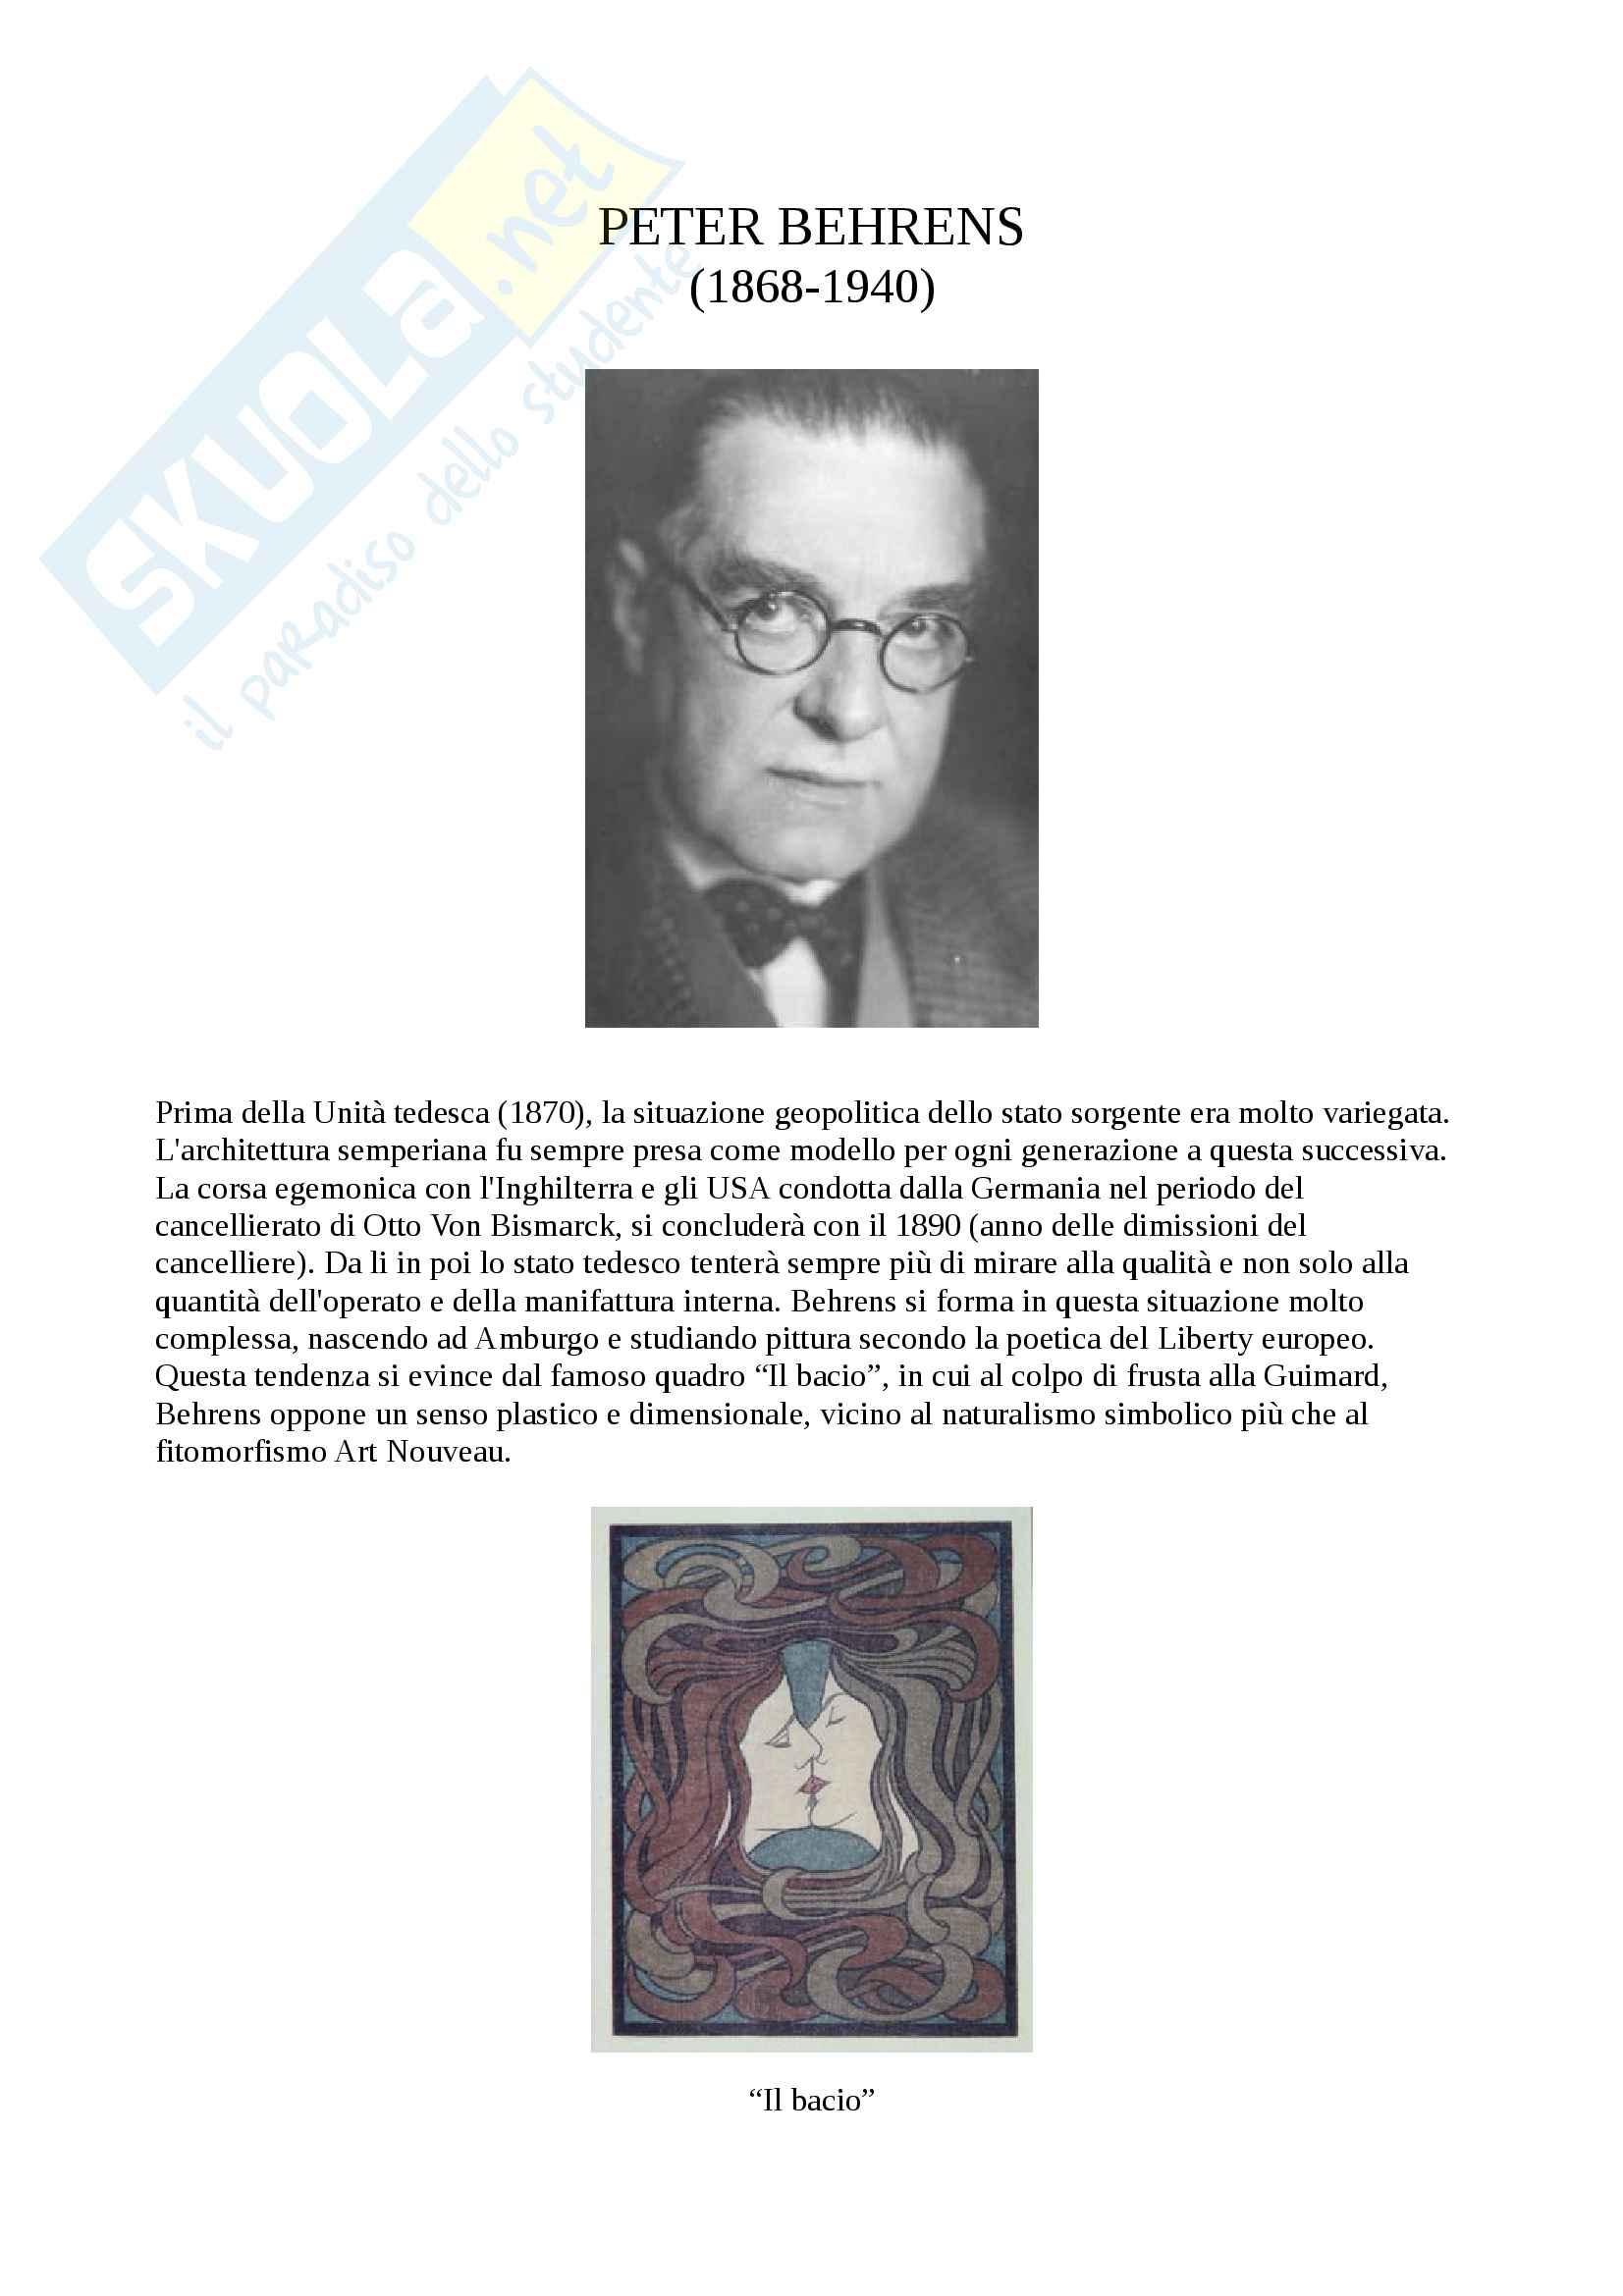 Peter Behrens Muthesius e Werkbund